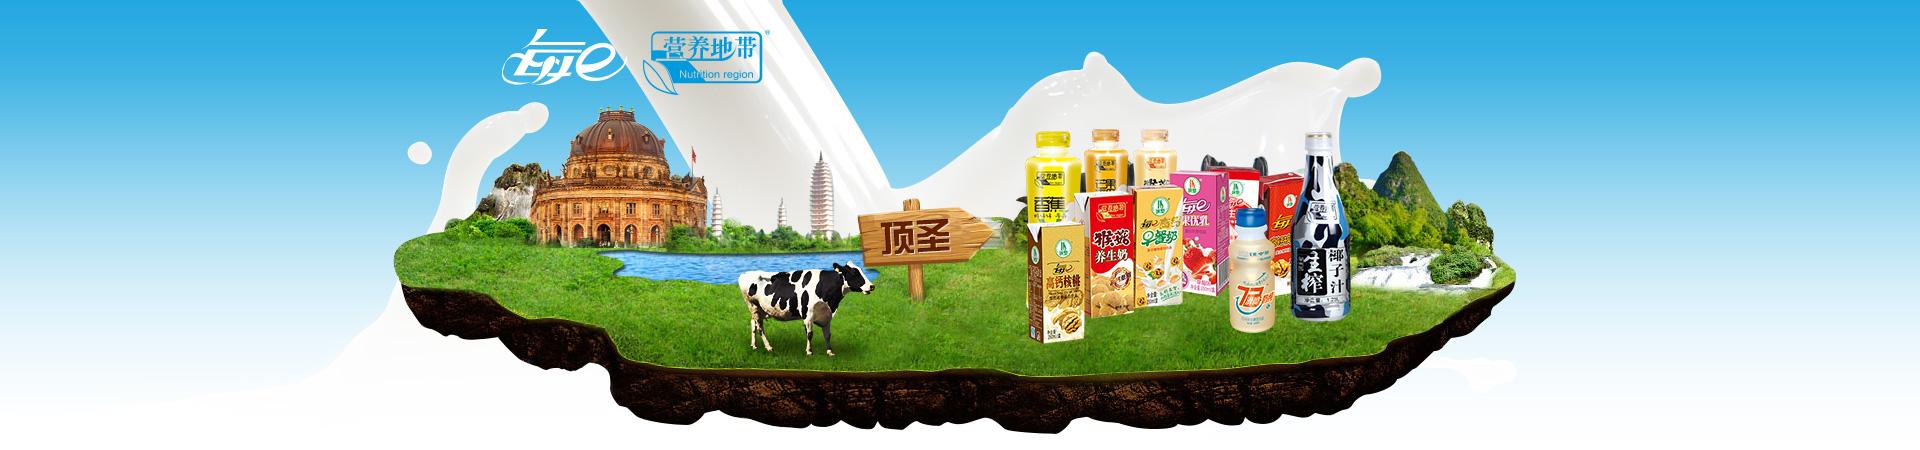 江苏顶圣食品科技有限公司荣誉资质